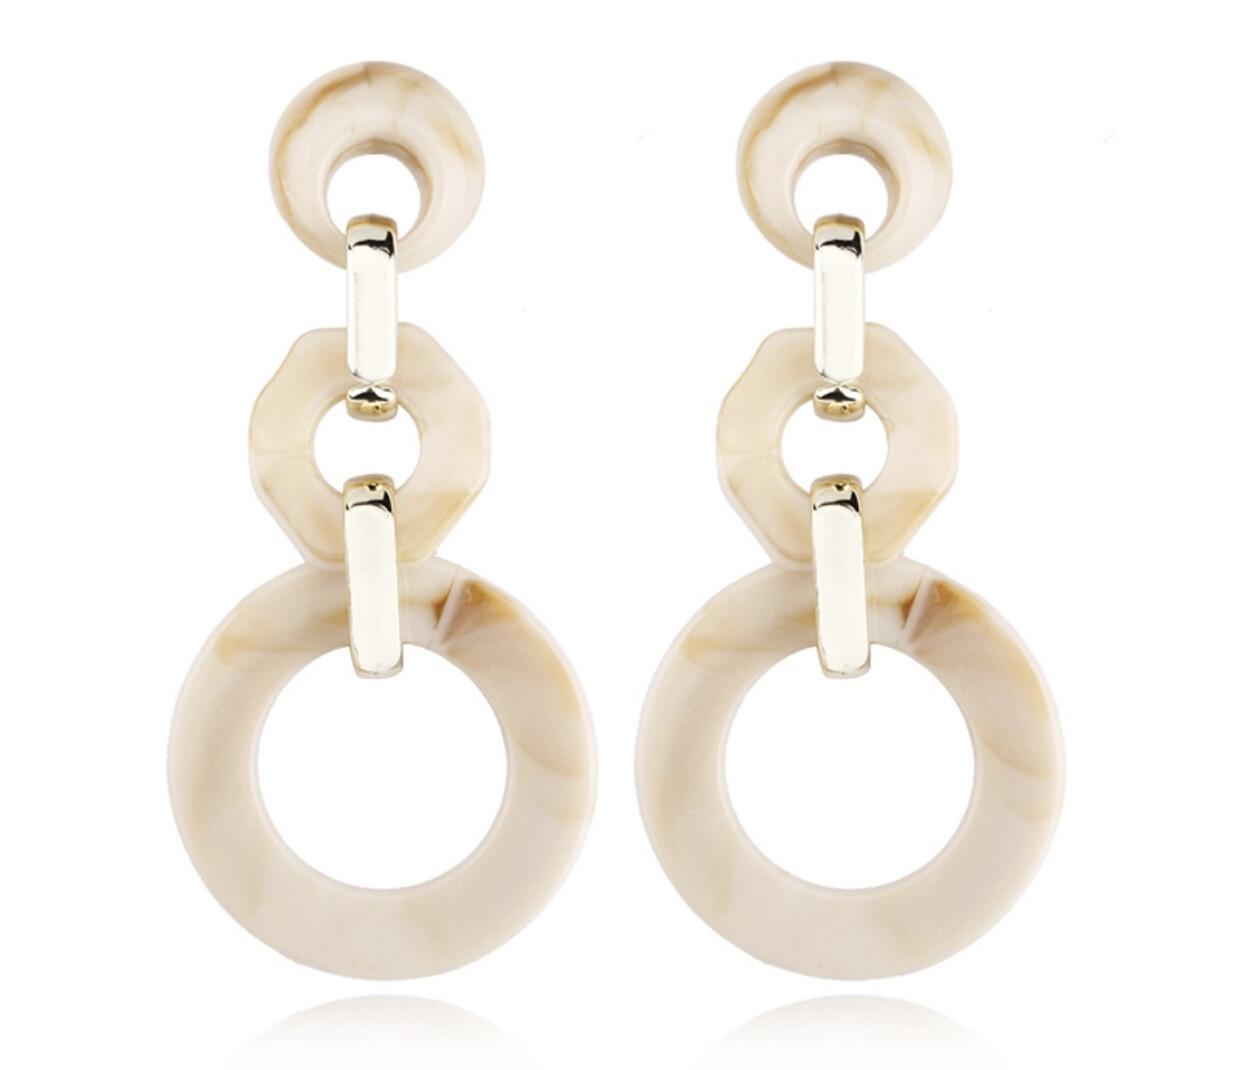 Manie earrings